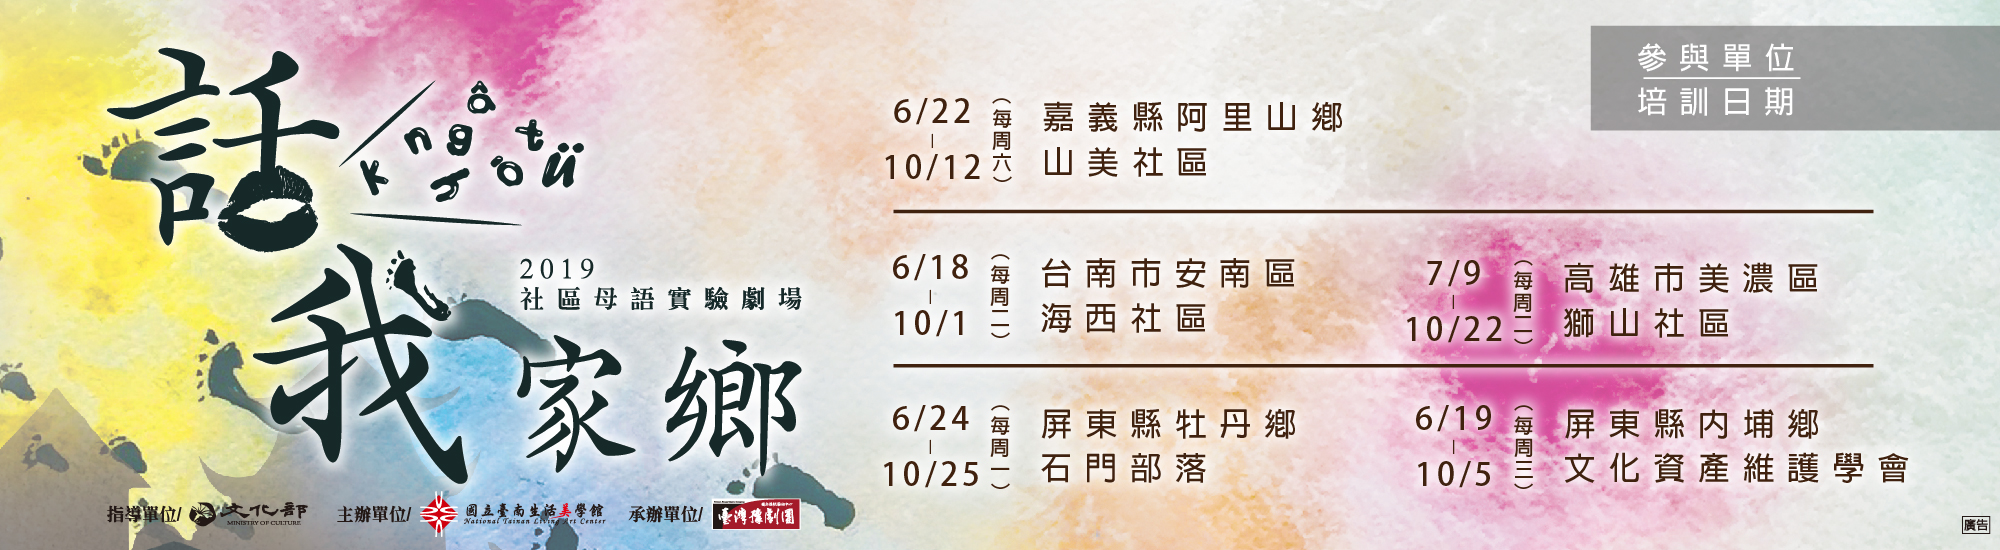 2019 話我家鄉實驗劇場 Banner